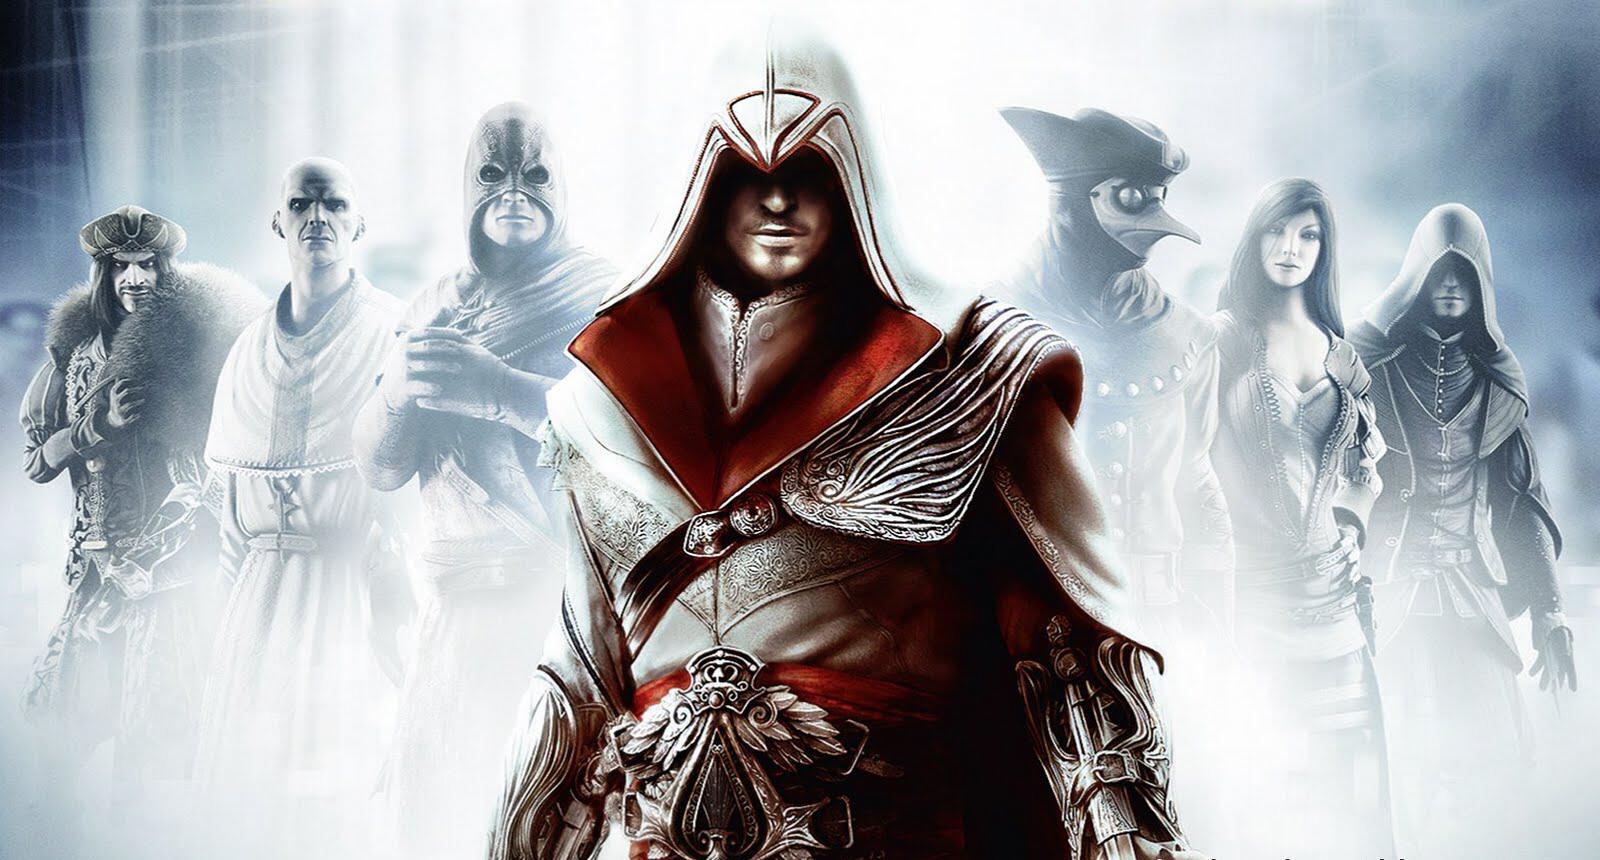 Assassins Creed Brotherhood wallpaper 3 Click for big pic 1600x860